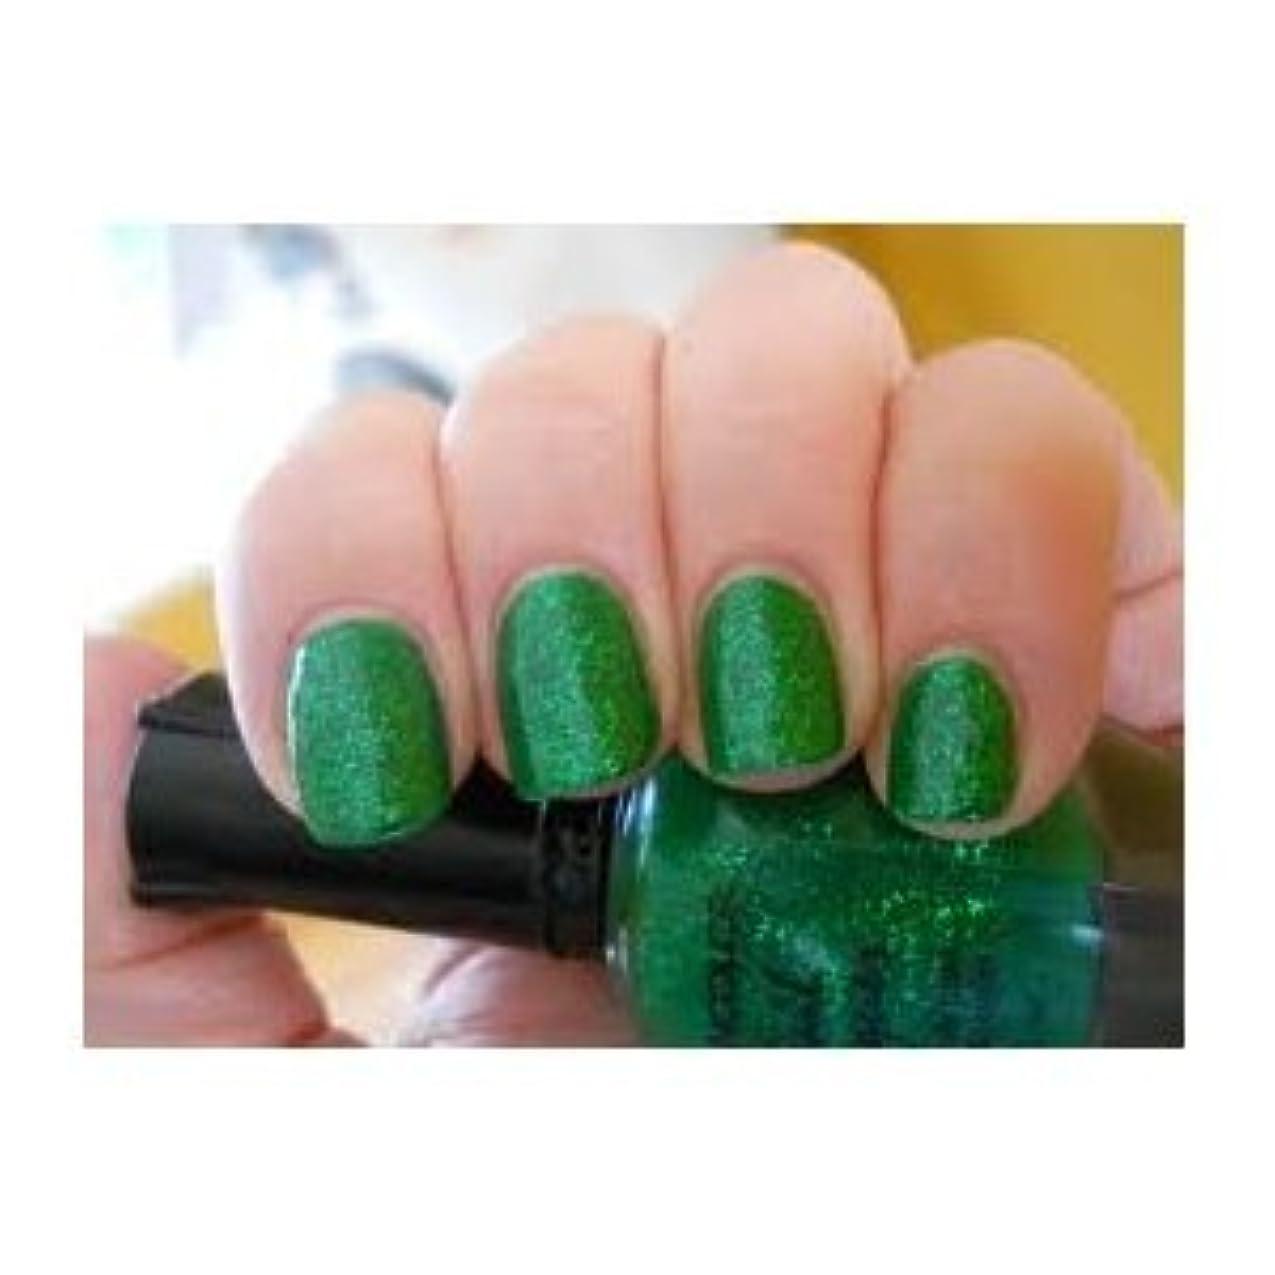 協定硬化するもろいKLEANCOLOR Nail Lacquer 2 - Green Grass (並行輸入品)